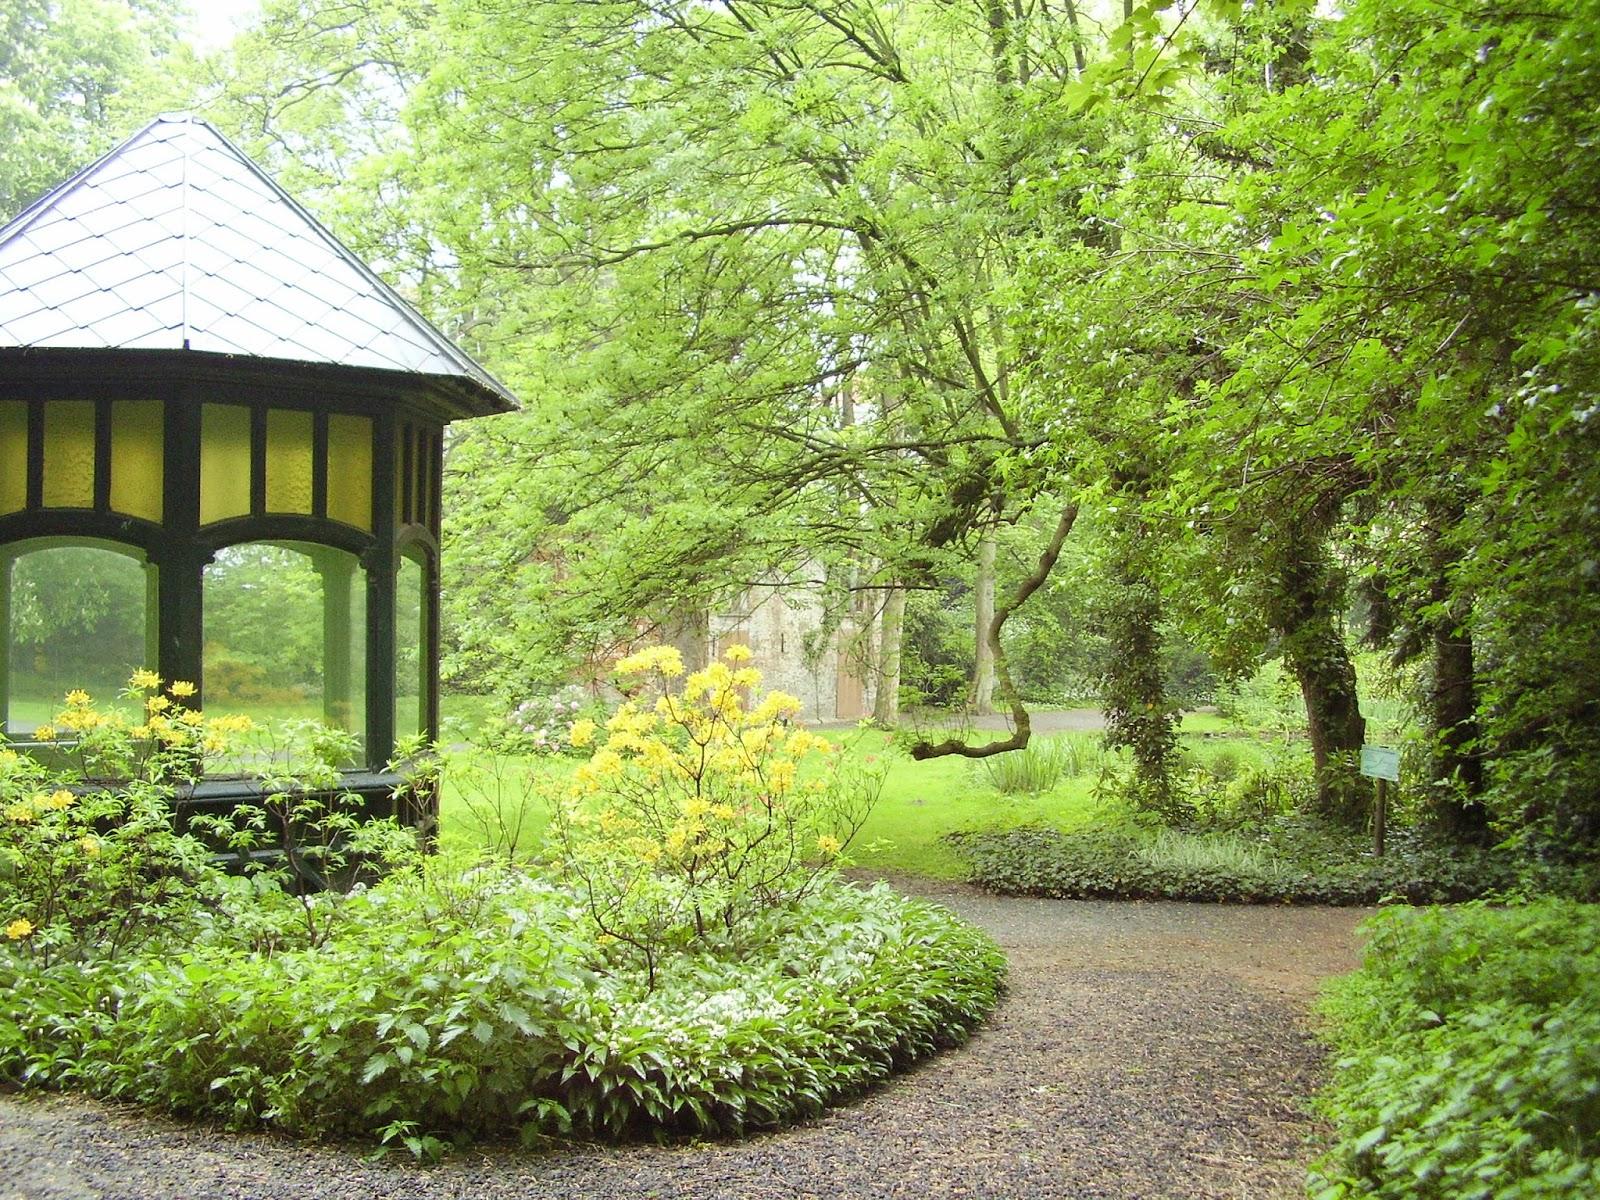 Hogar 10 c mo hacer que tu patio sea un jard n paradis aco for Que es un jardin ornamental